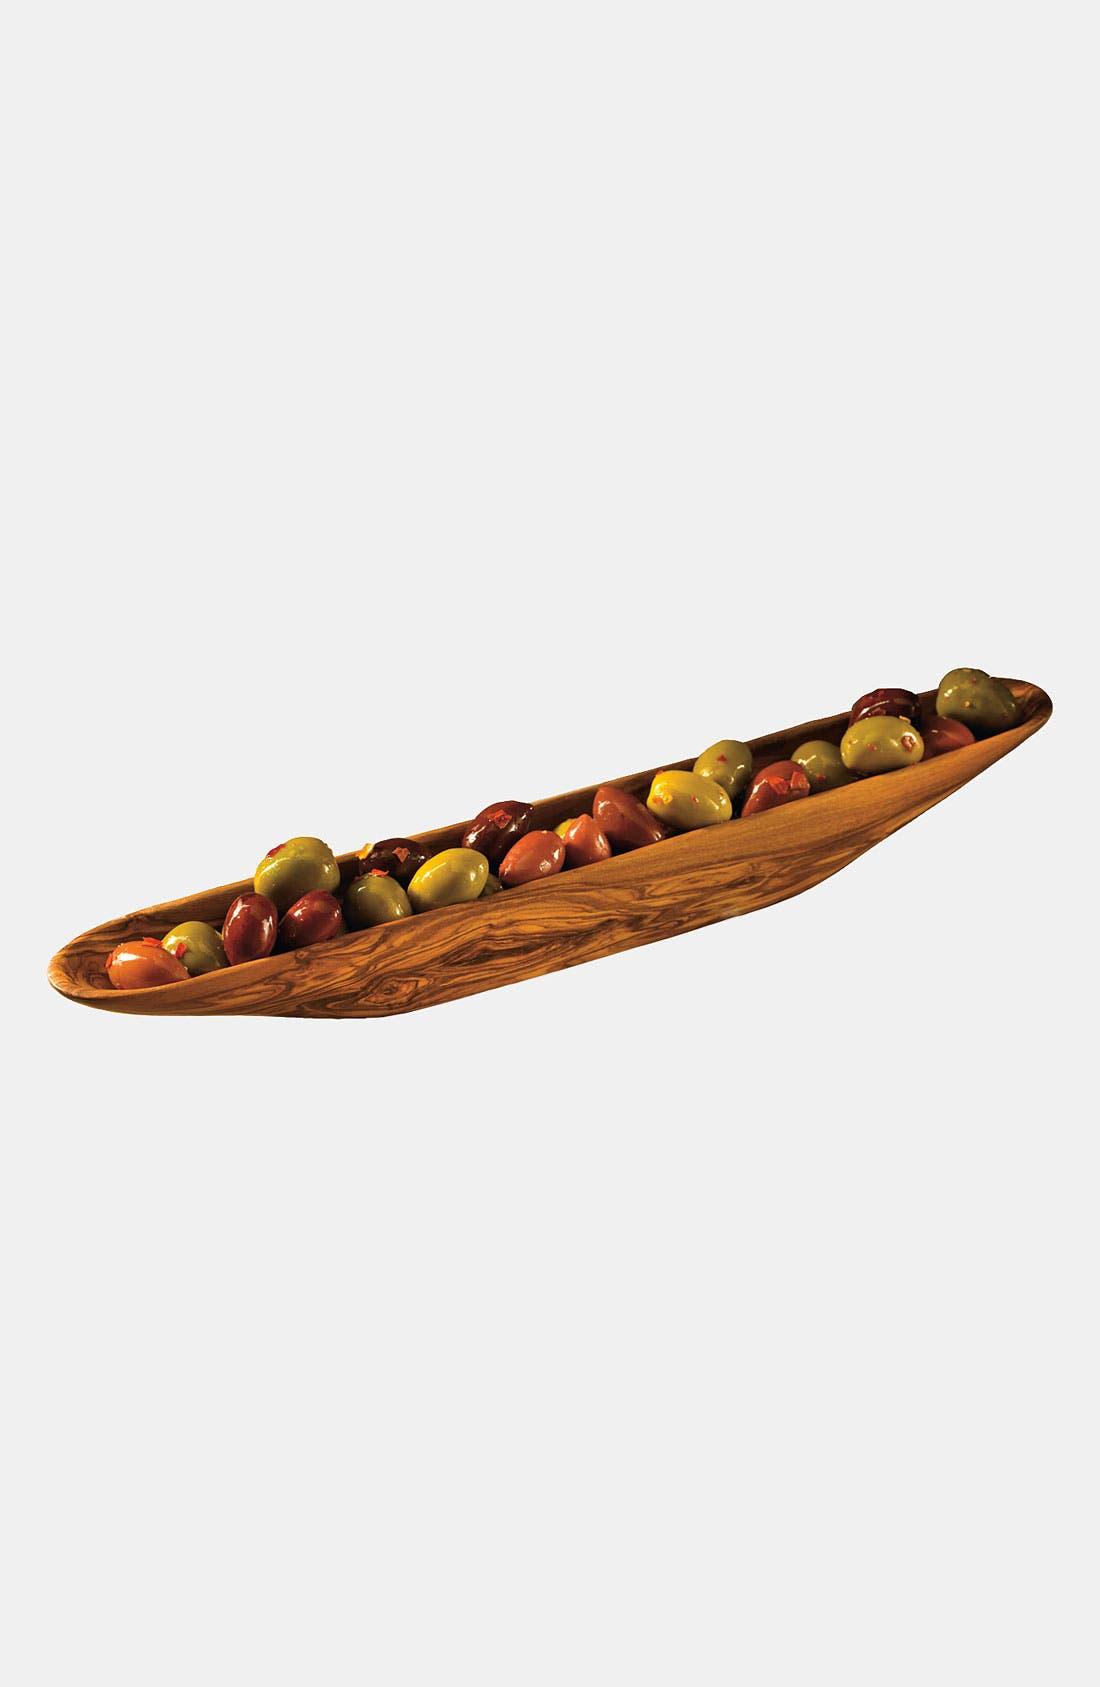 Alternate Image 1 Selected - Bérard Olive Wood Olive Boat